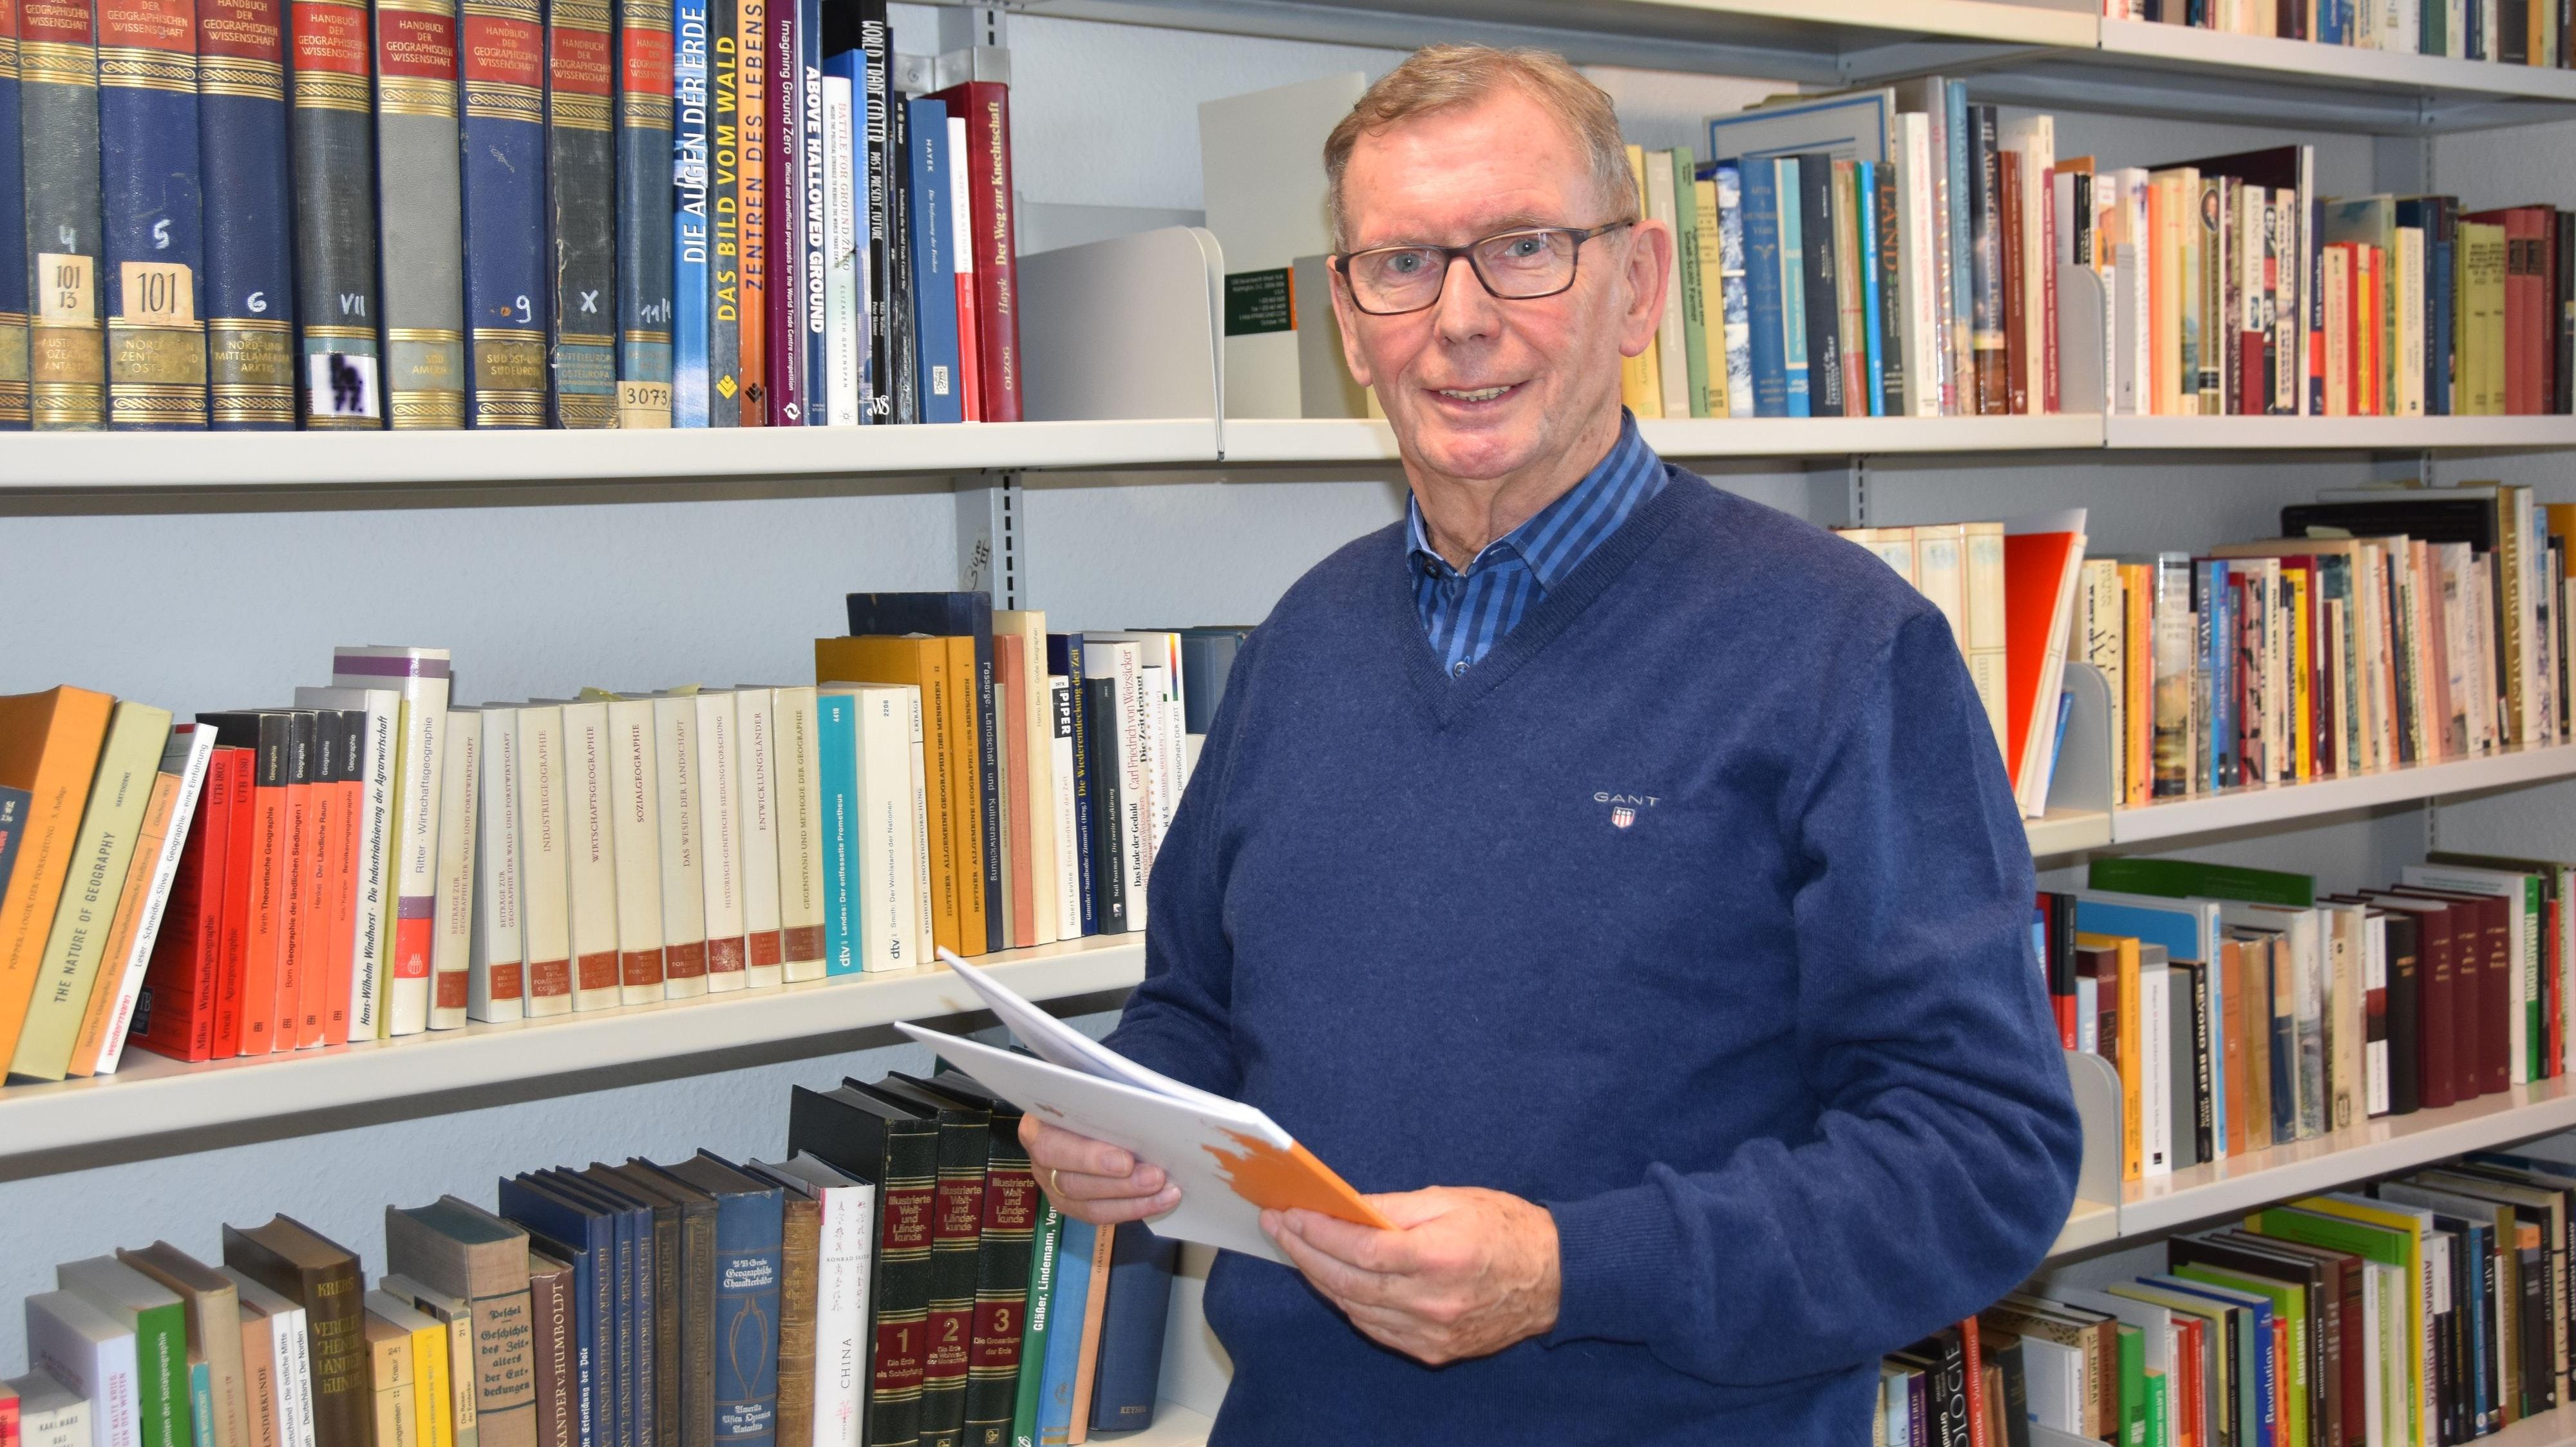 Viele Studienreisen in die USA: Professor Dr. Hans-Wilhelm Windhorst. Foto: Tzimurtas